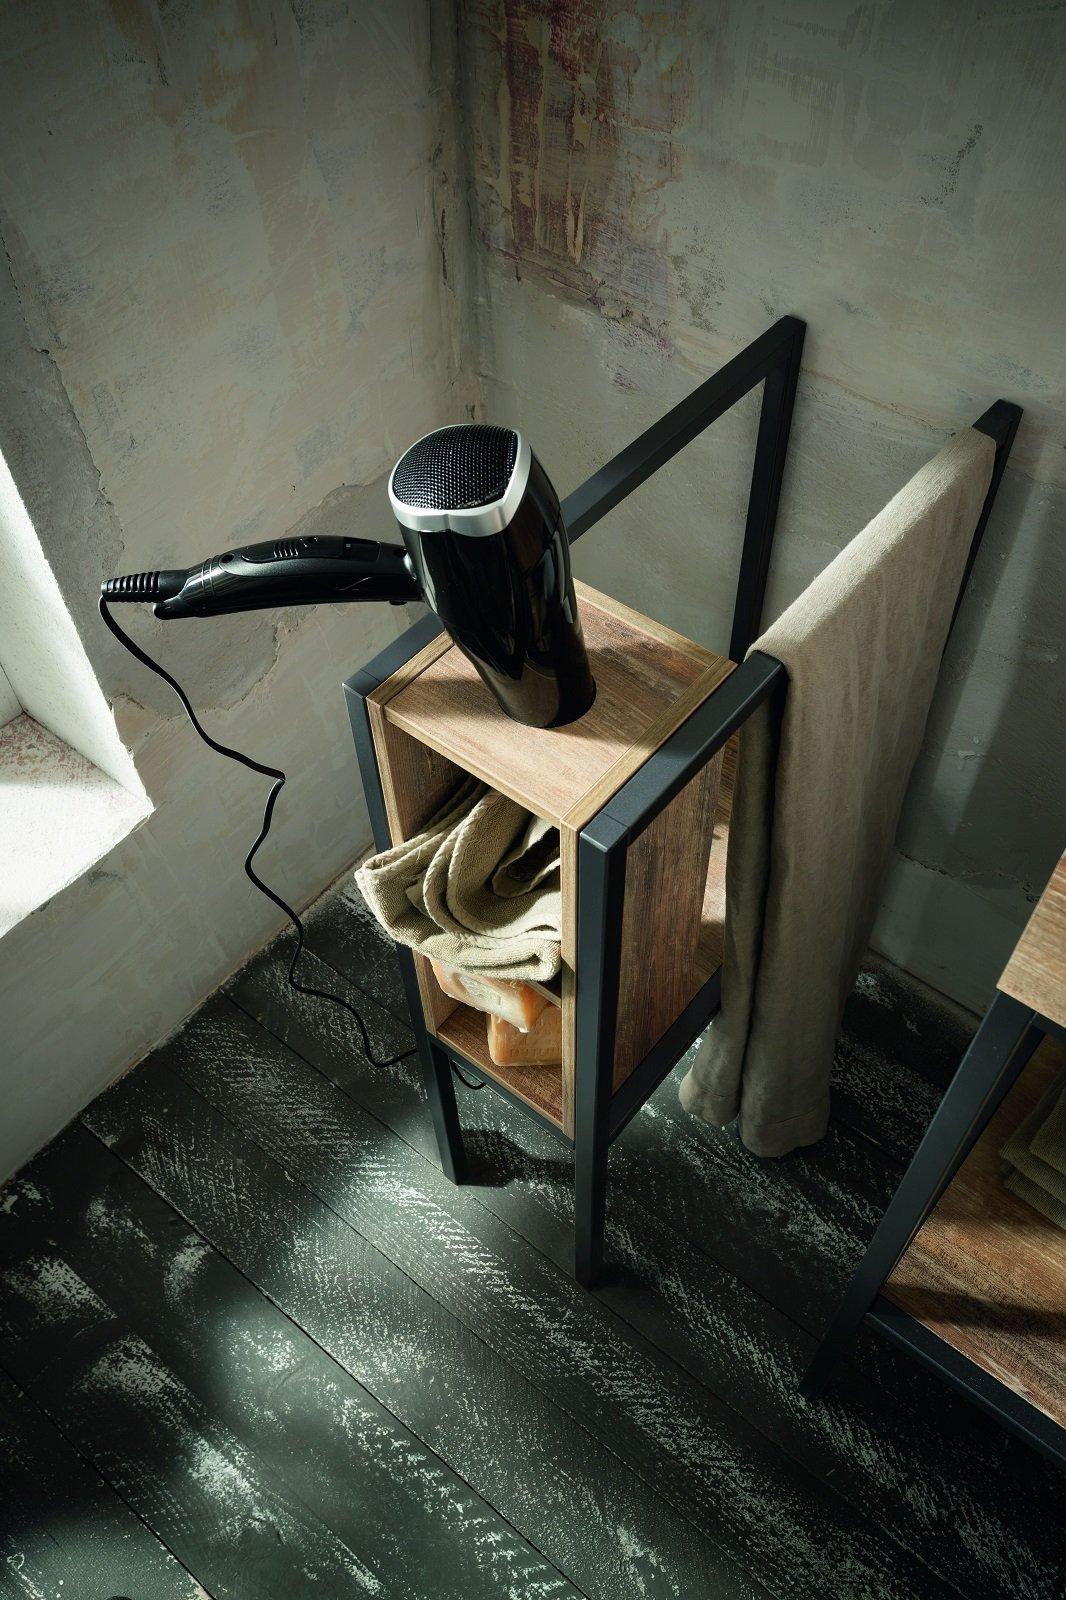 Gli accessori per il bagno rendono pi funzionale e piacevoleil bagno - Accessori bagno fai da te ...